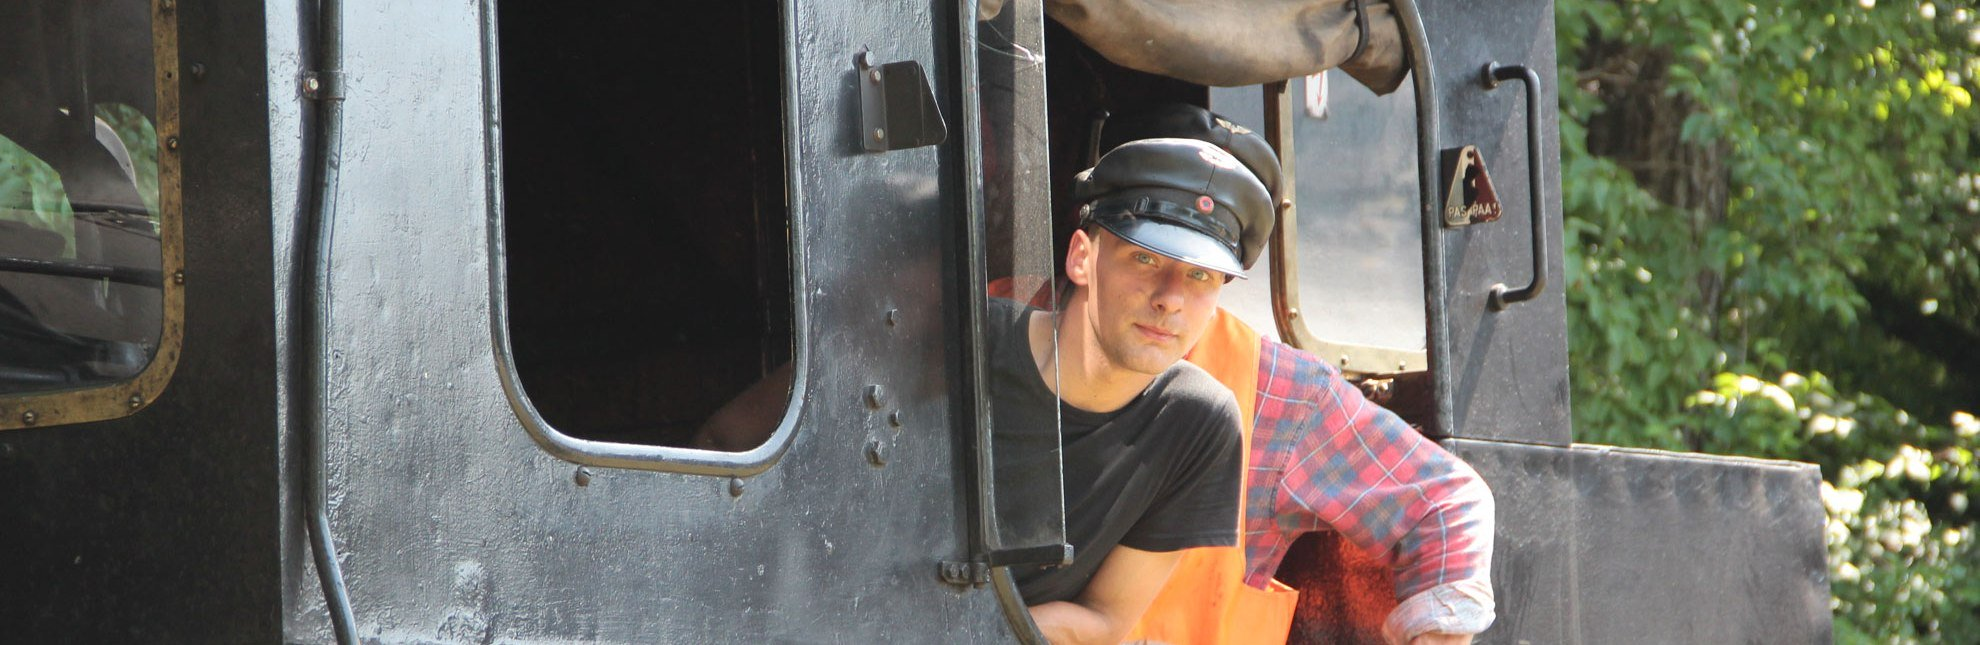 Dampflok Karoline mit Lokführer, Geesthacht, © Tourist-Information Geesthacht